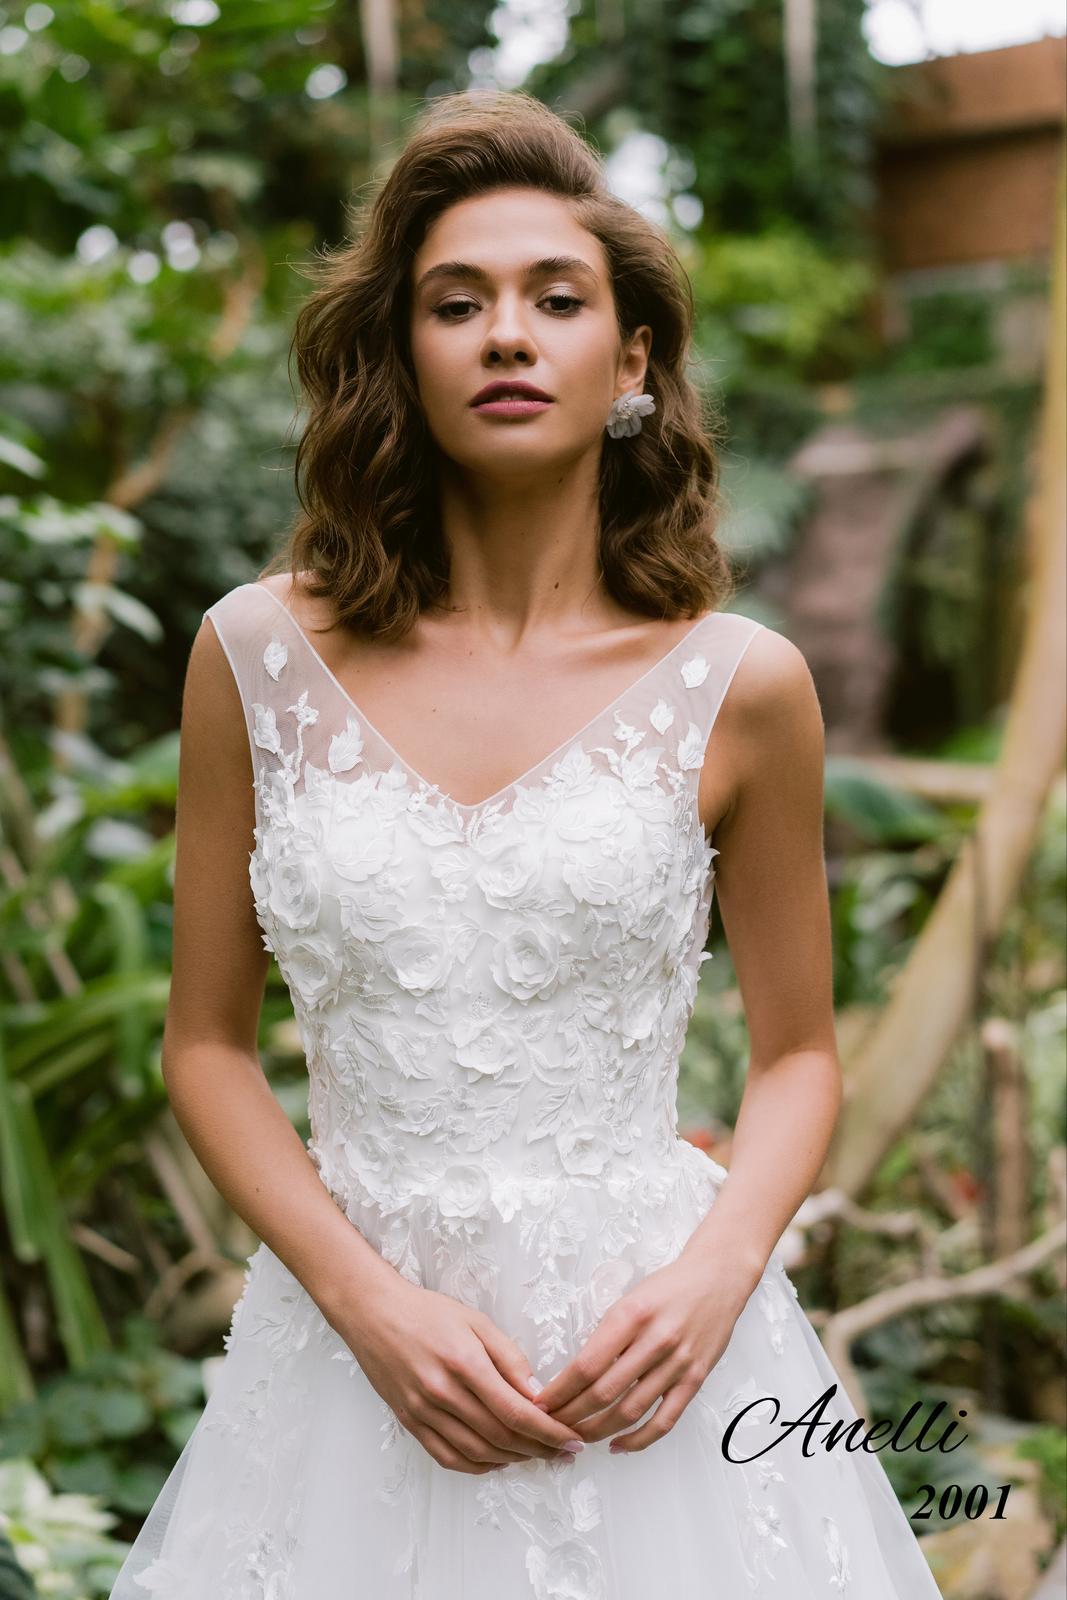 Svadobné šaty - Breeze 2001 - Obrázok č. 1